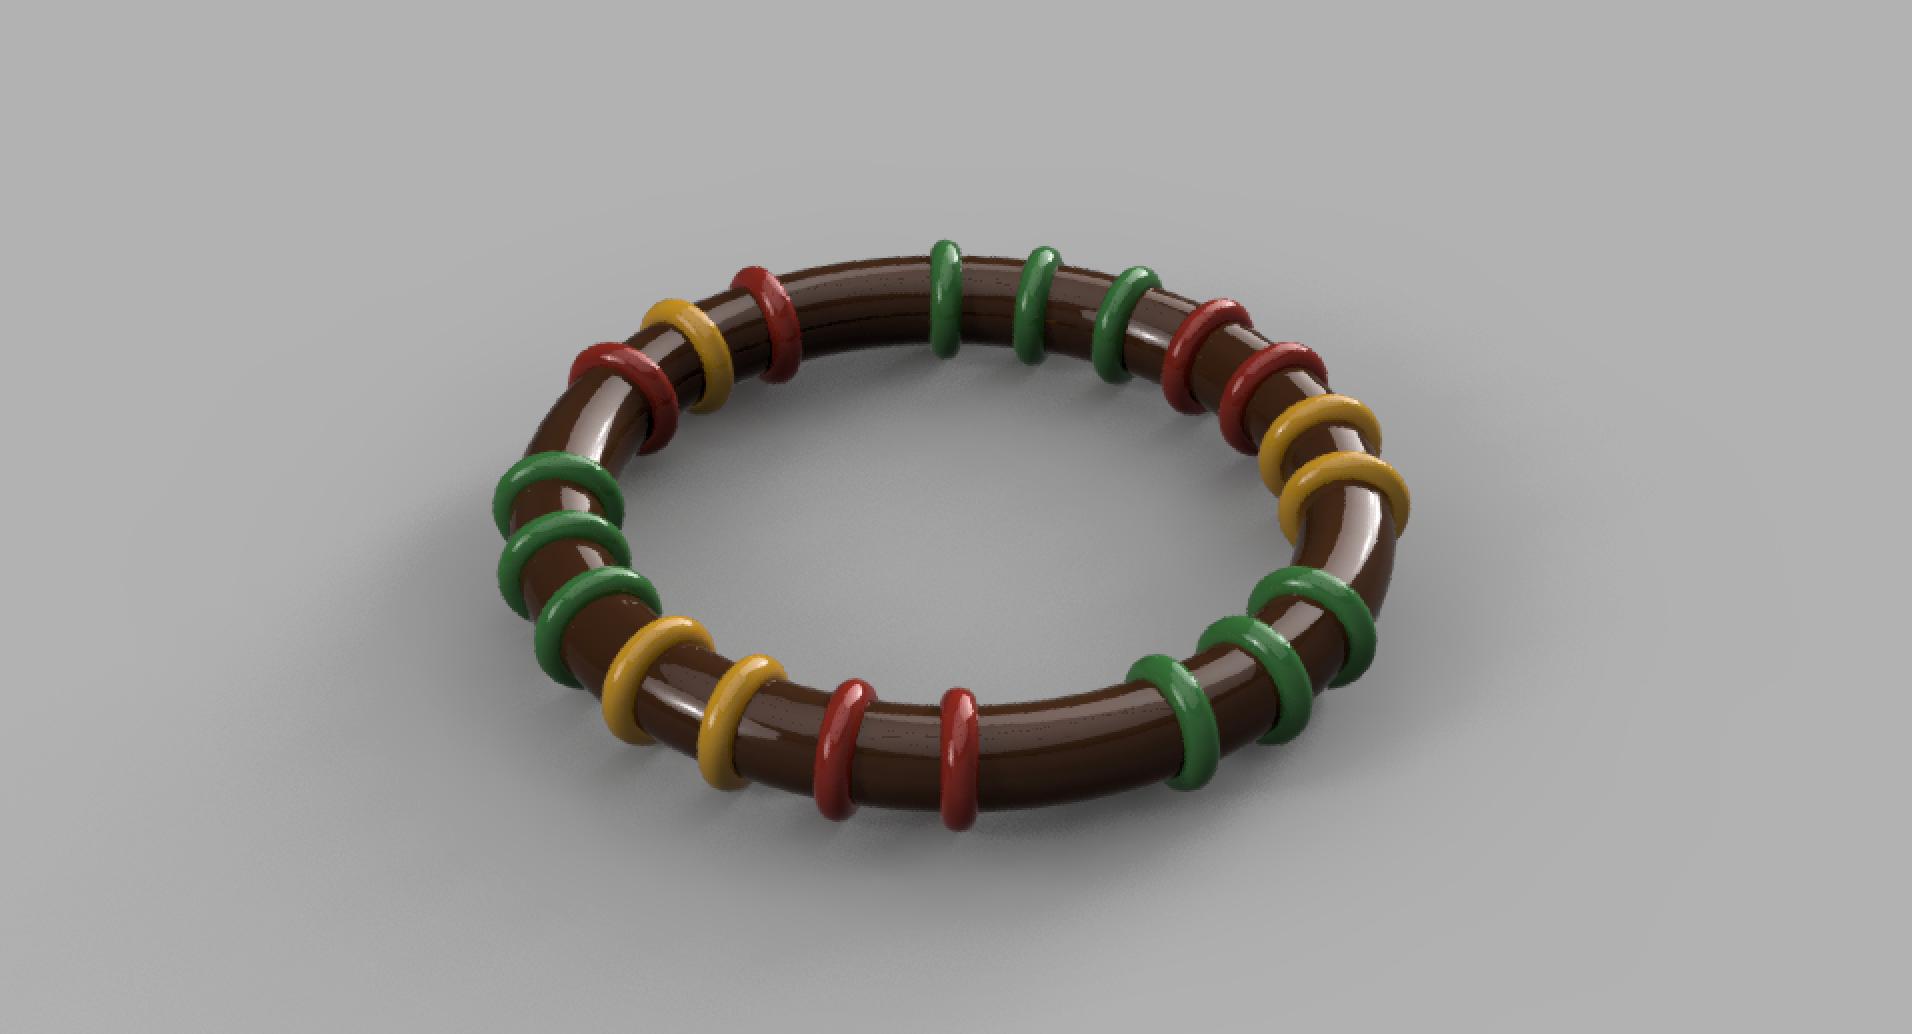 トーラスでアフリカンな腕輪